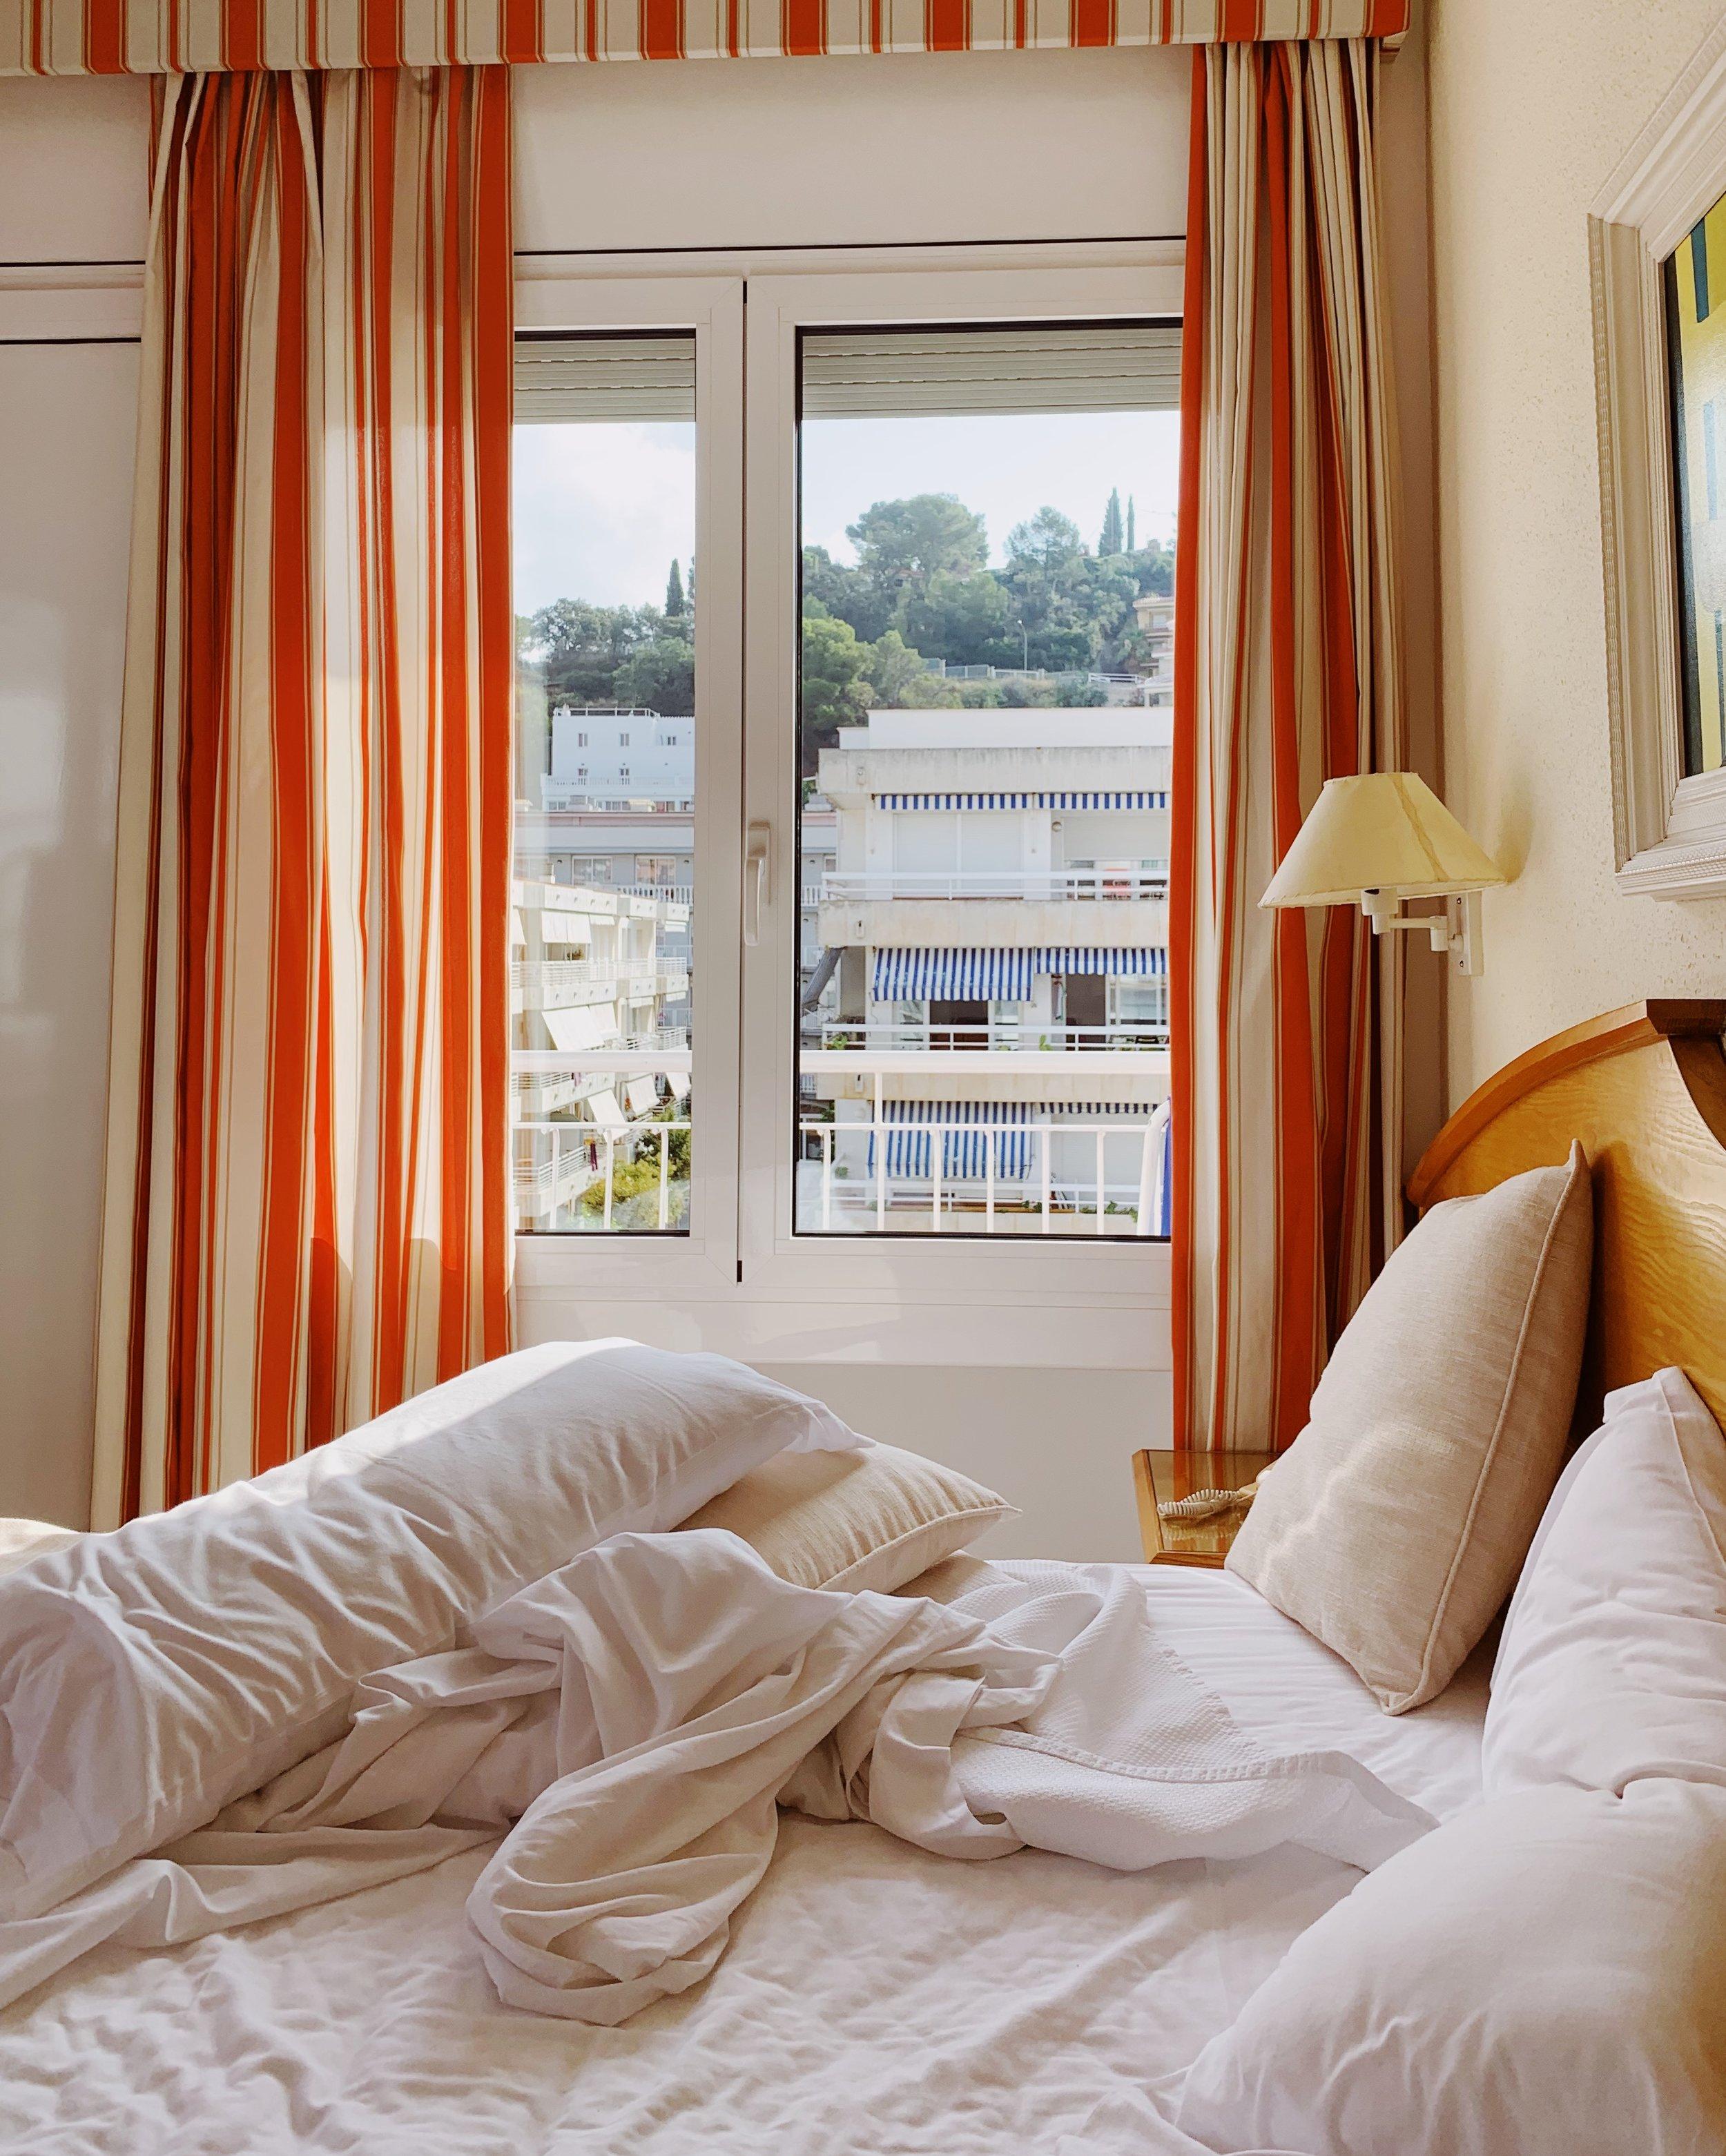 Hotel Florida, Tossa de Mar